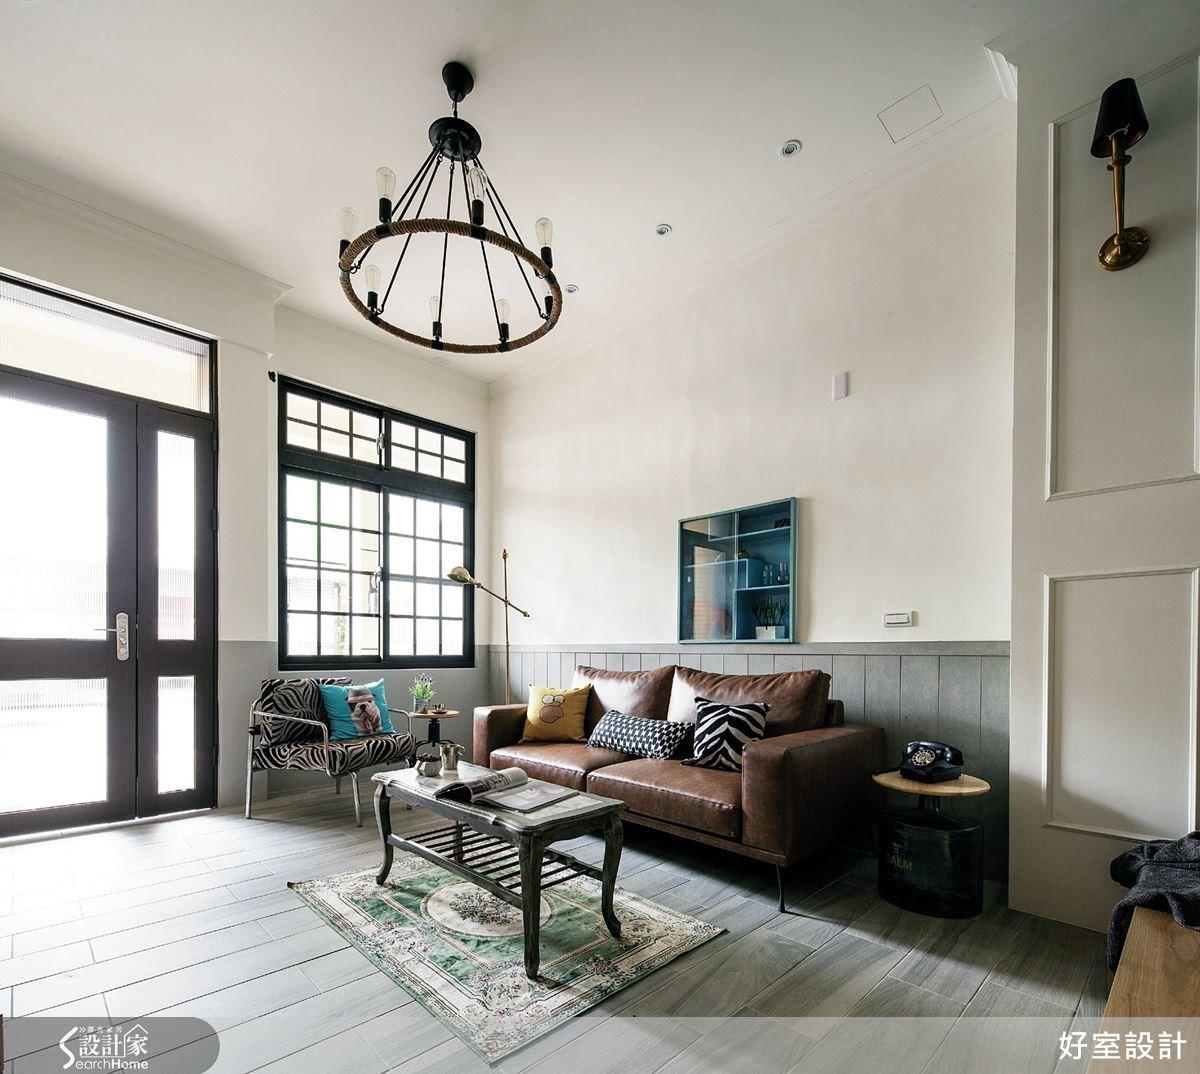 設計師透過各式色彩替空間裝飾,替老房子增添新容顏。